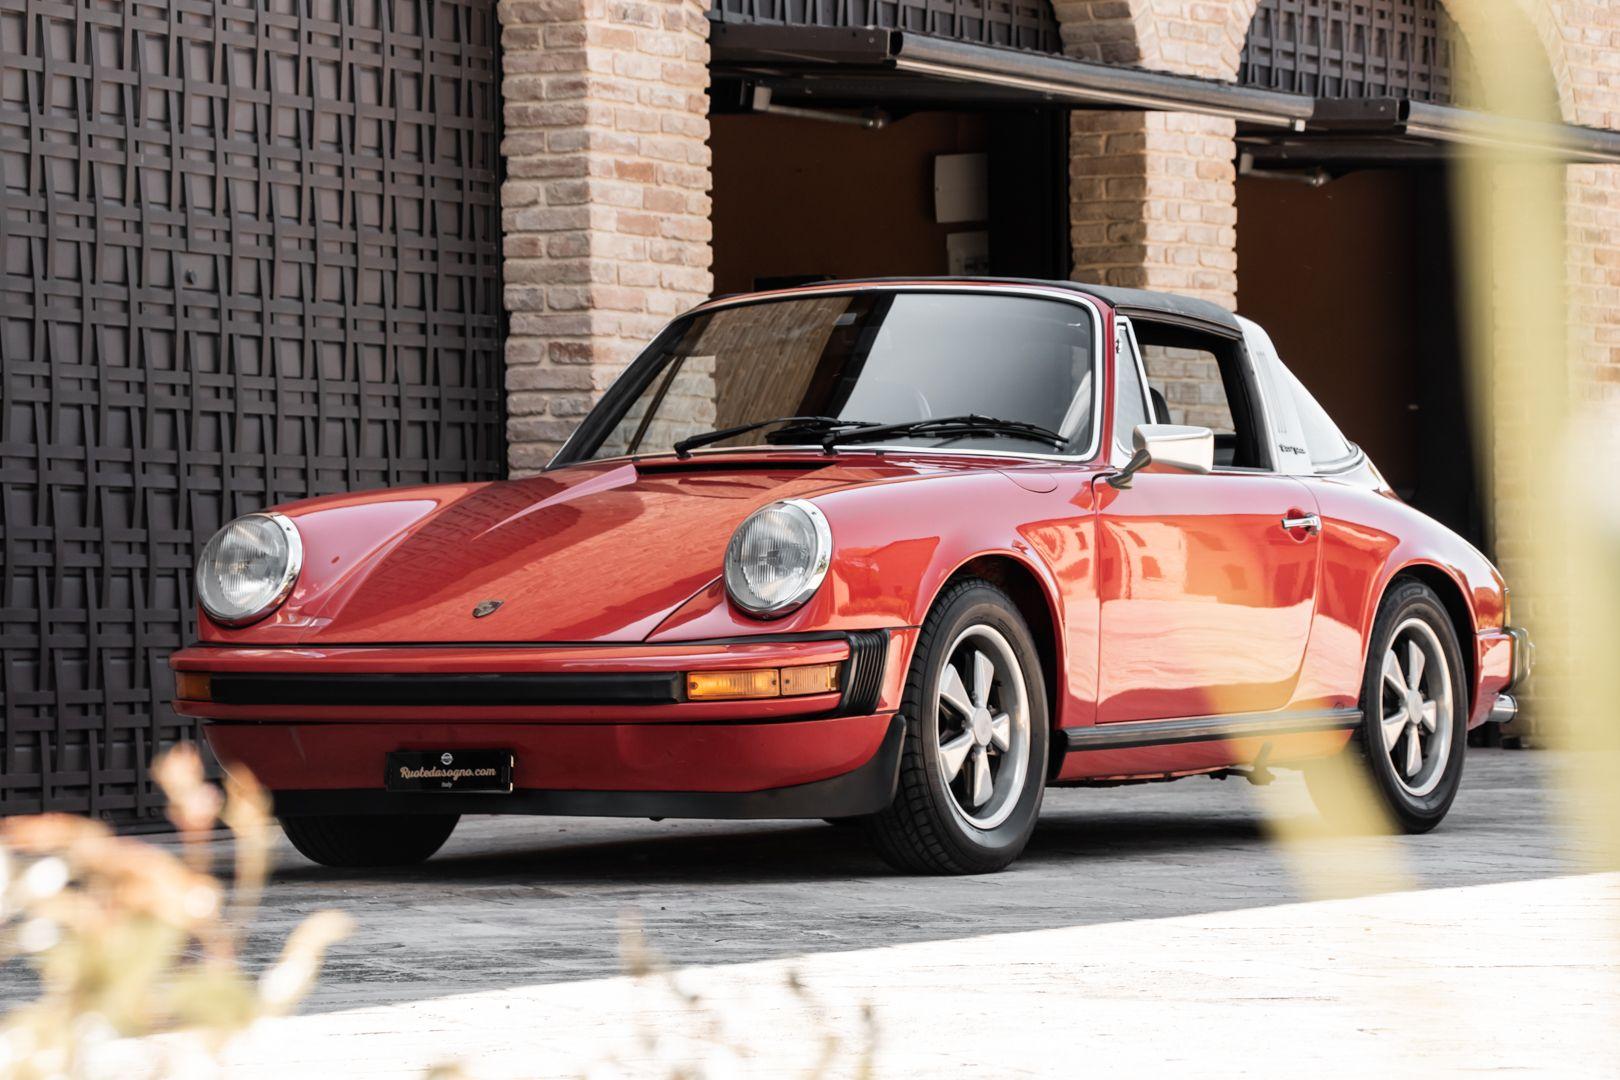 1974 Porsche 911 S 2.7 Targa 69620